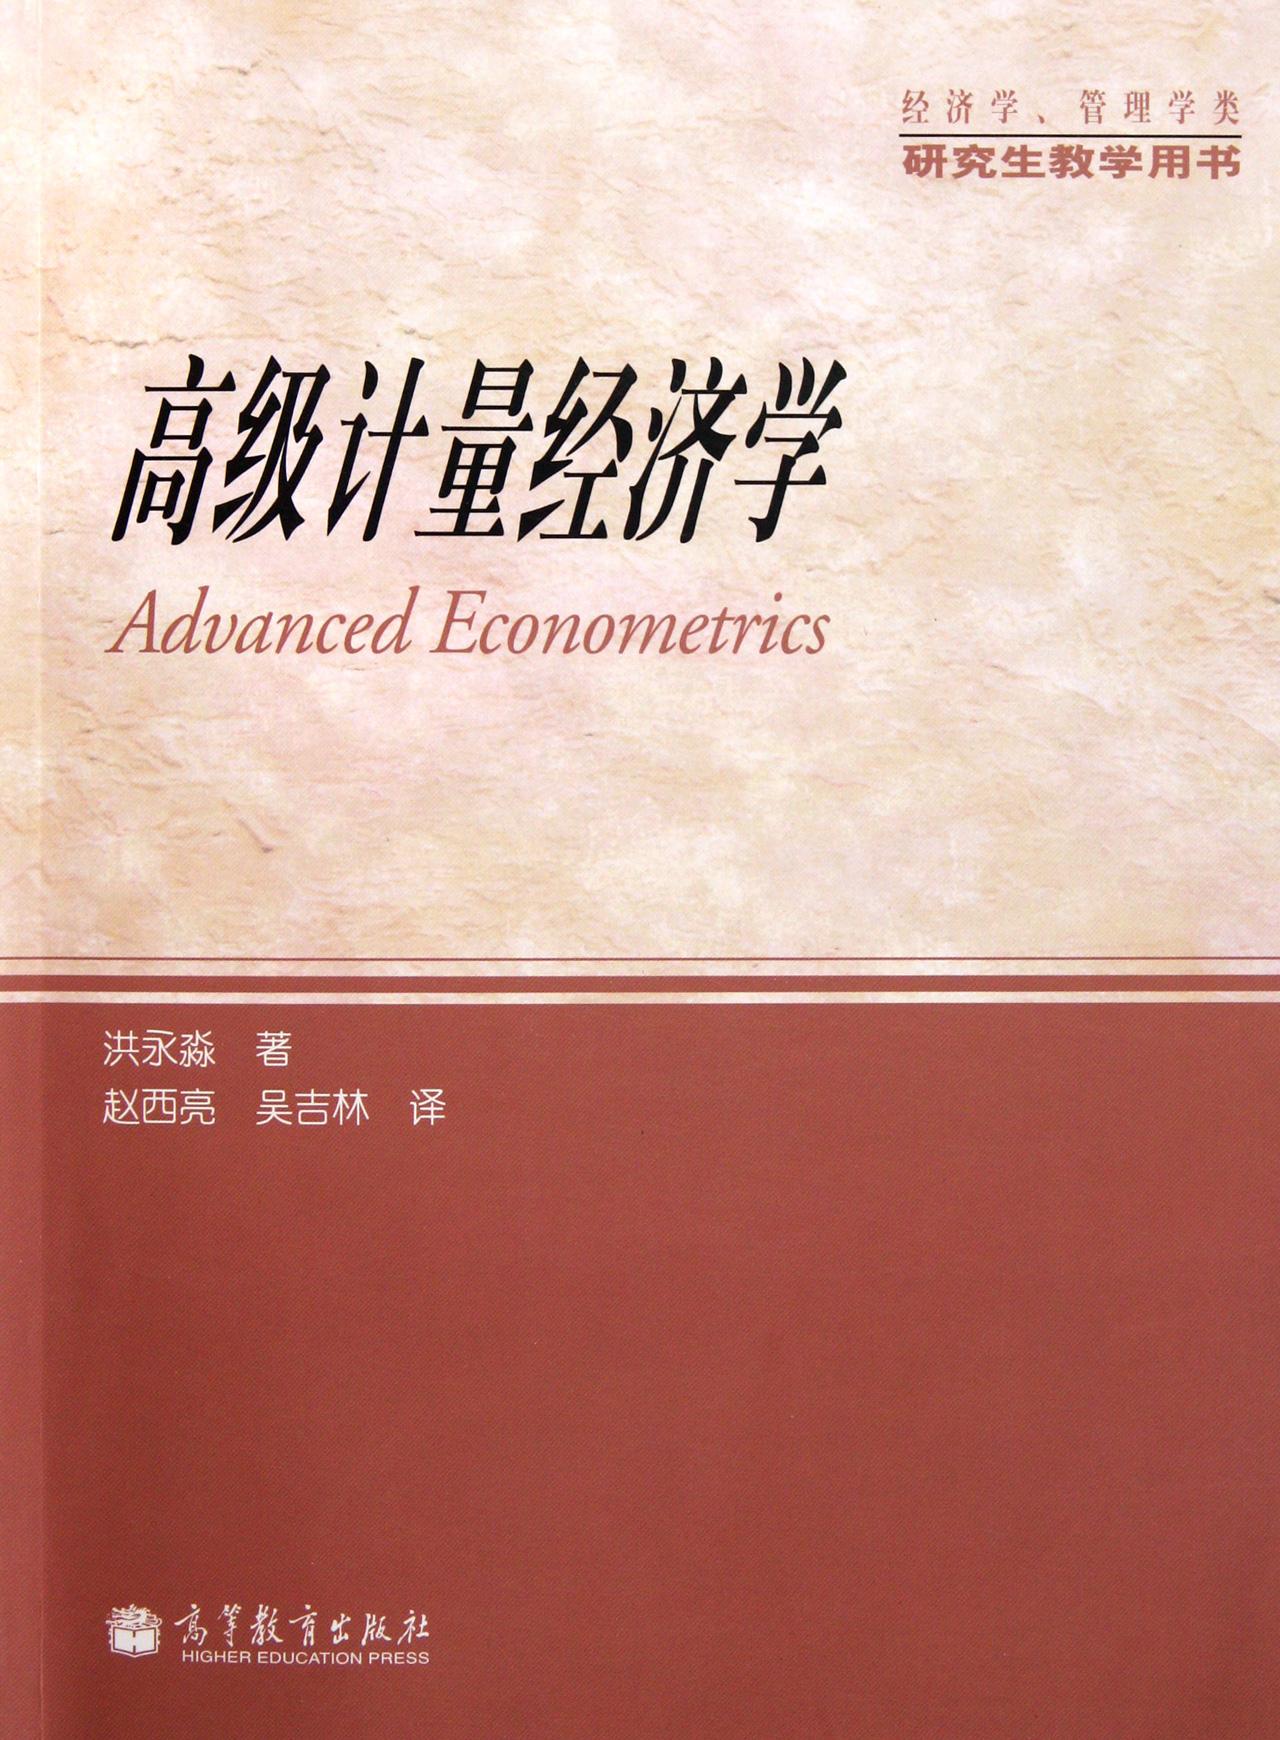 高级计量经济学(经济学管理学类研究生教学用书)